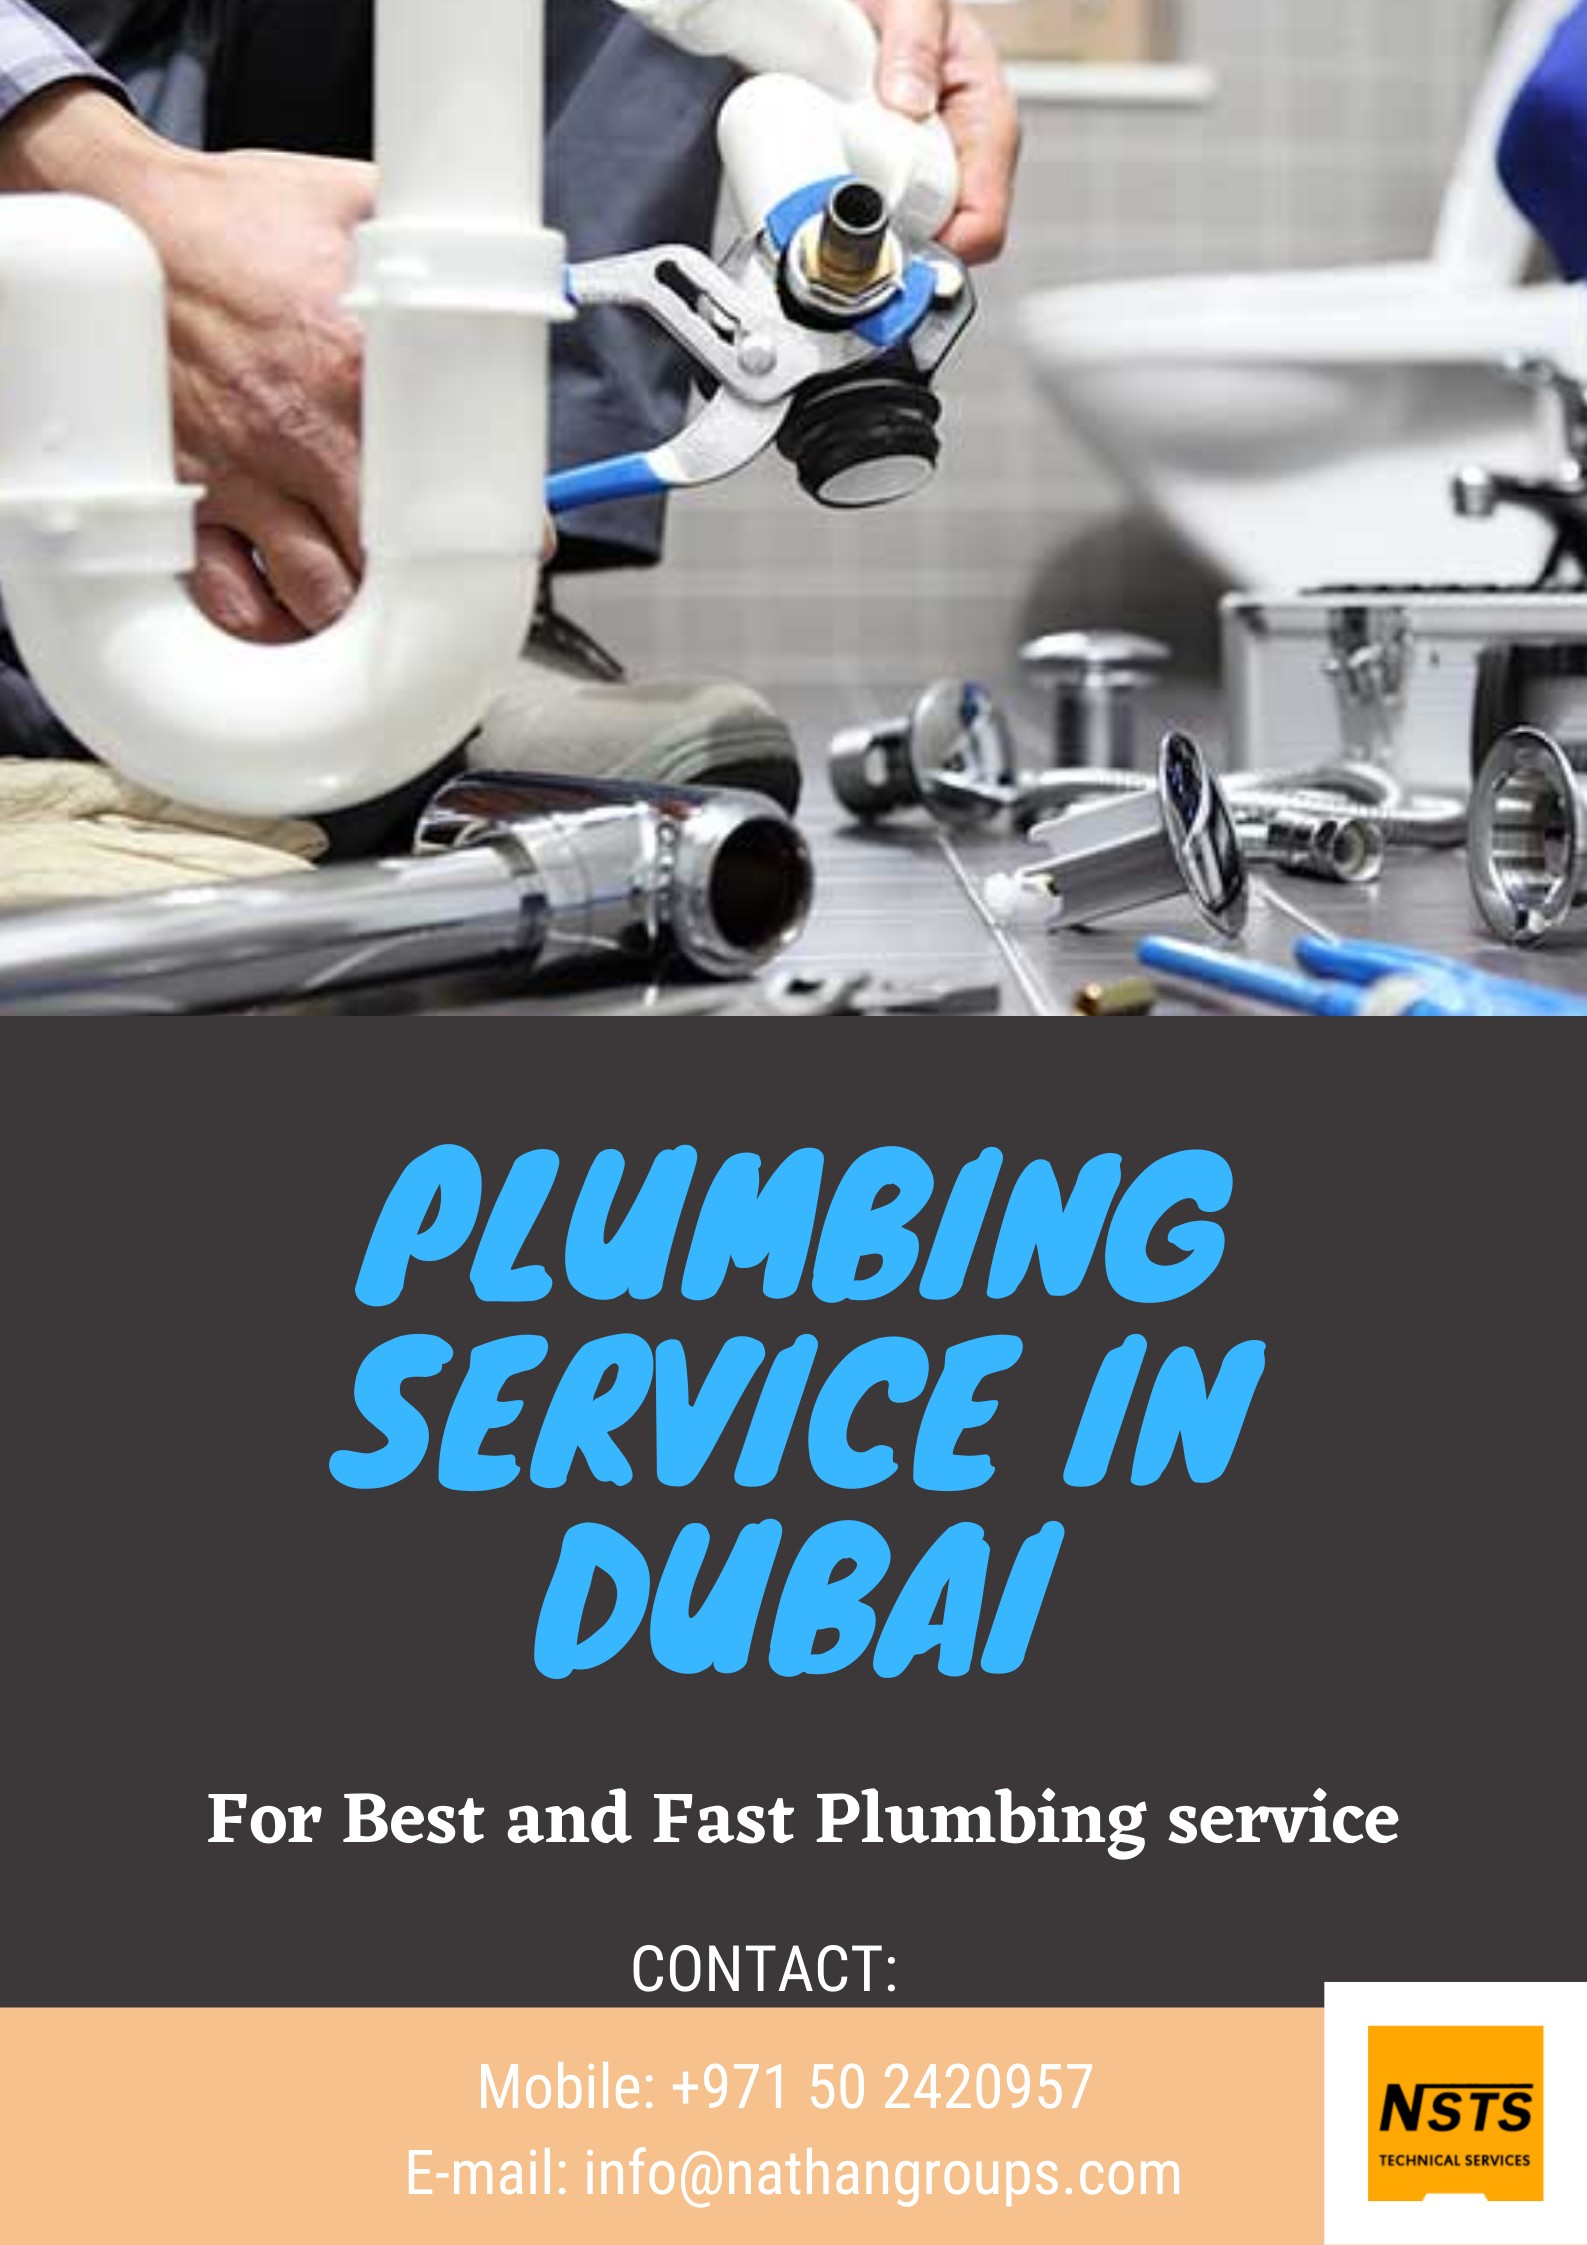 Plumbing service in Dubai